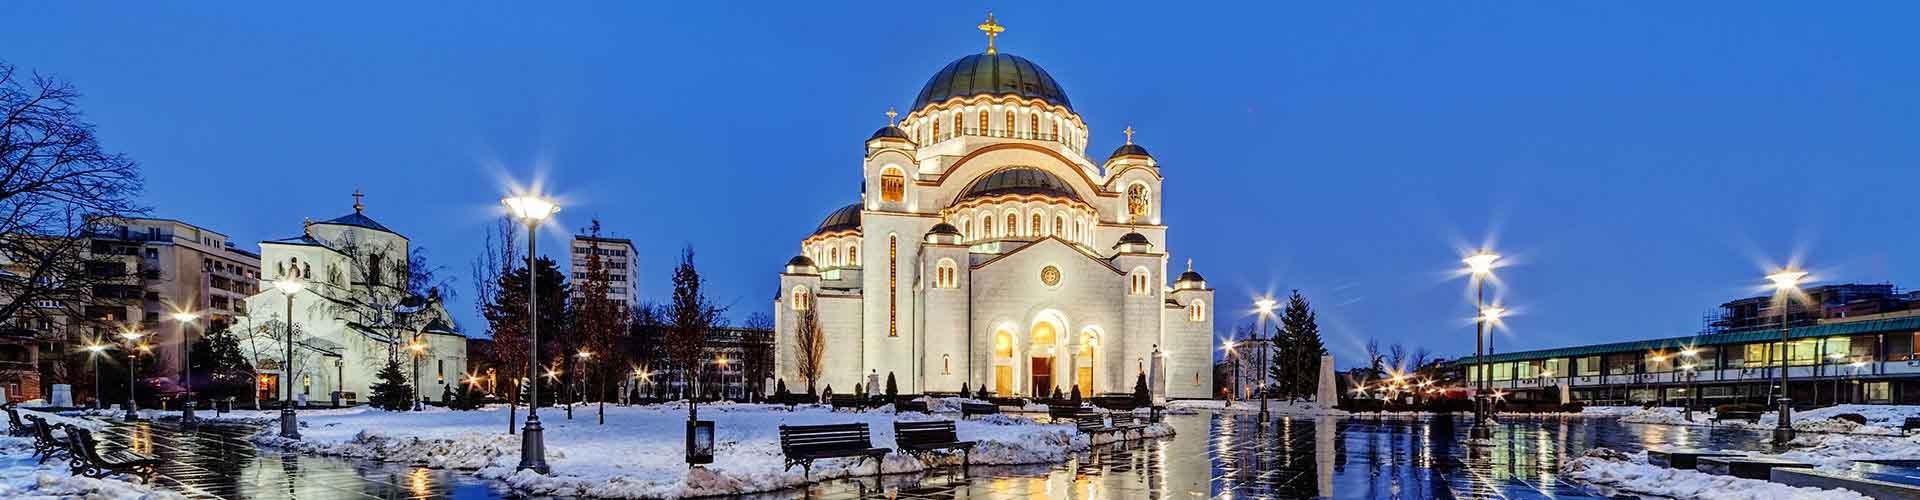 Belgrado - Hostales en Belgrado. Mapas de Belgrado, Fotos y comentarios de cada Hostal en Belgrado.